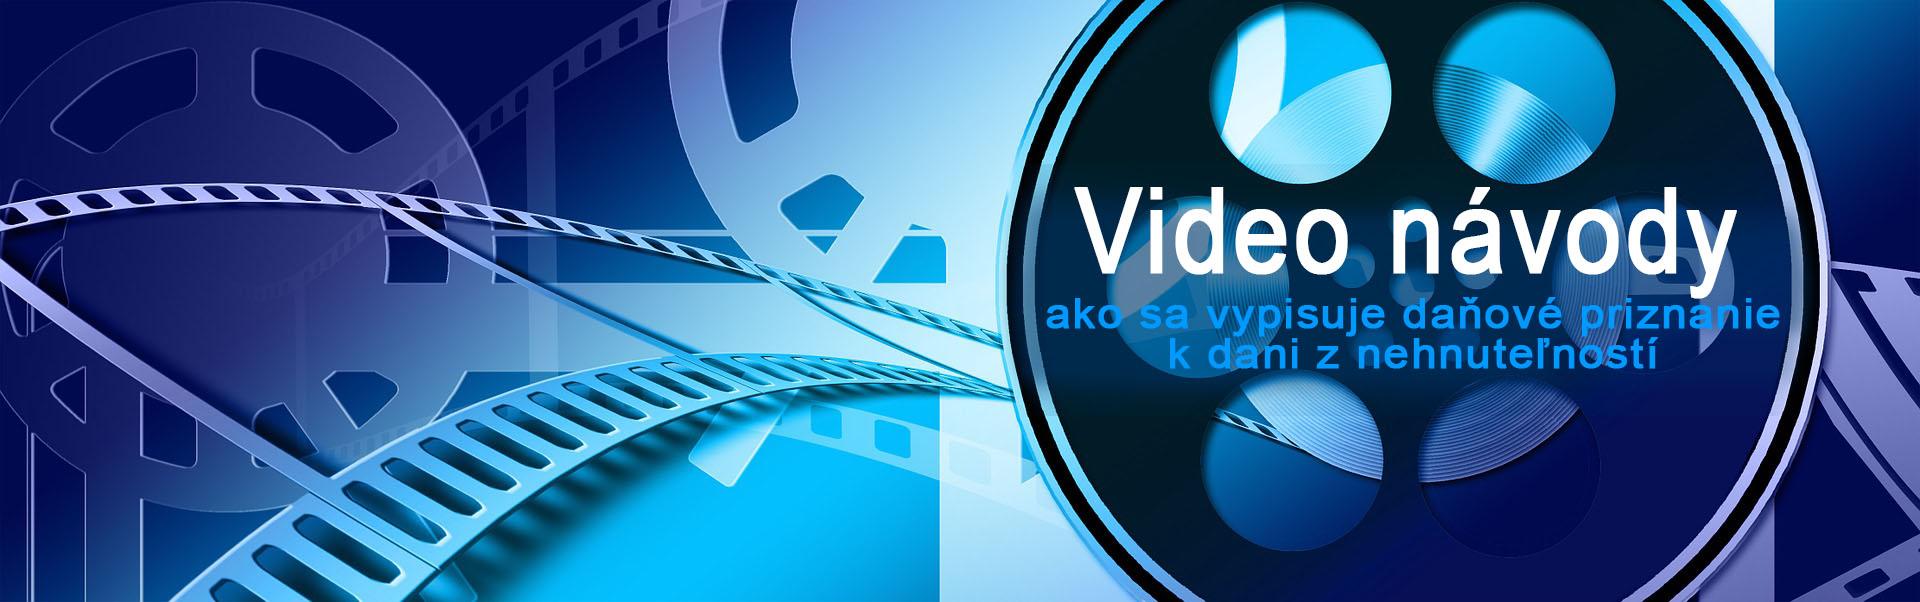 Daň z nehnuteľnosti - videonávody